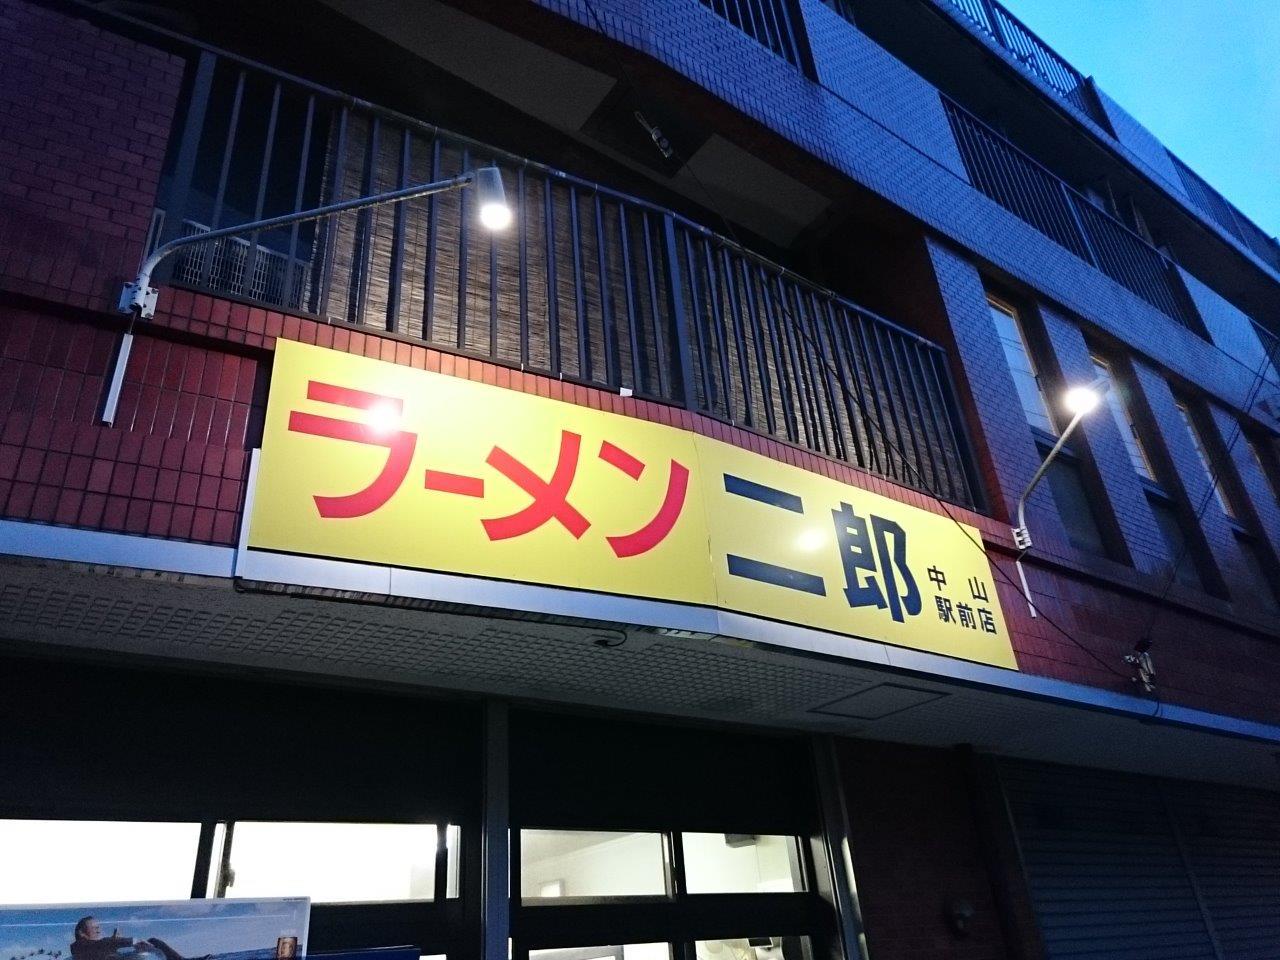 Dsc_2692